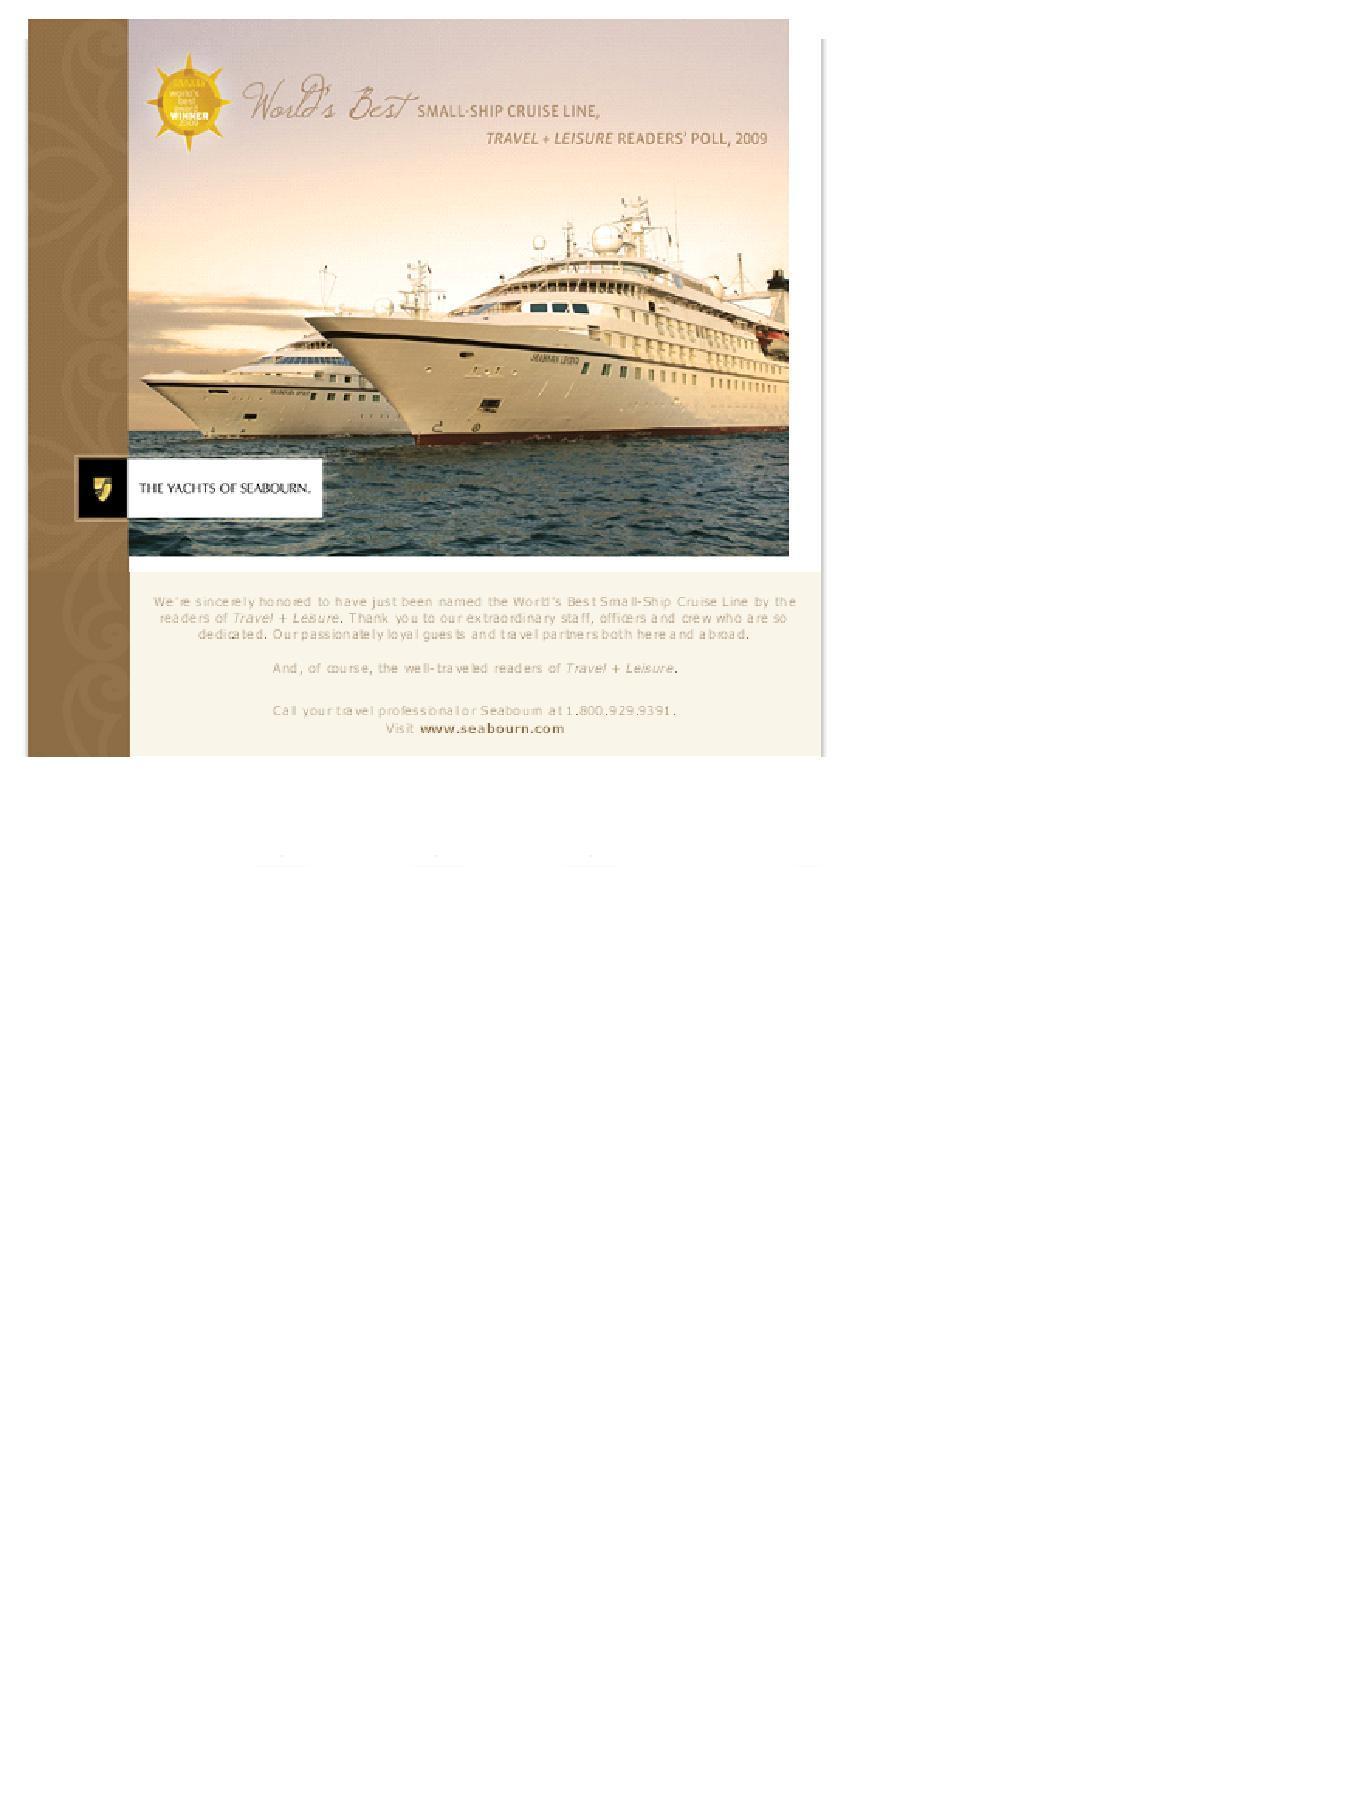 Seabourn Certificate